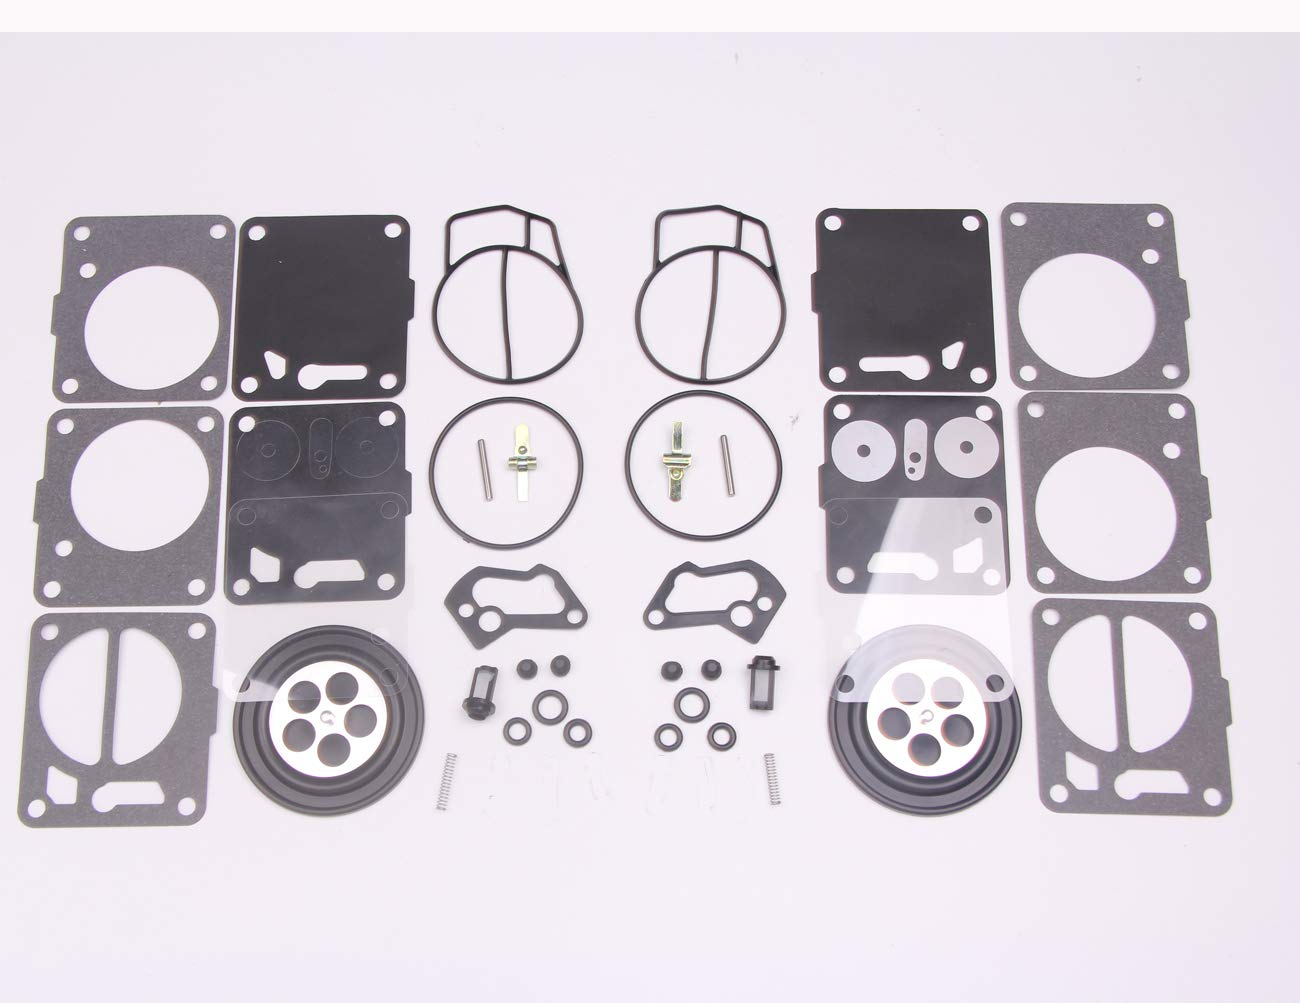 New 2 sets Twin Carburetor Carb Repair Rebuild Kits for Mikuni SeaDoo 50  717 720 787 800 SP GS GTX HX XP SPX GTS